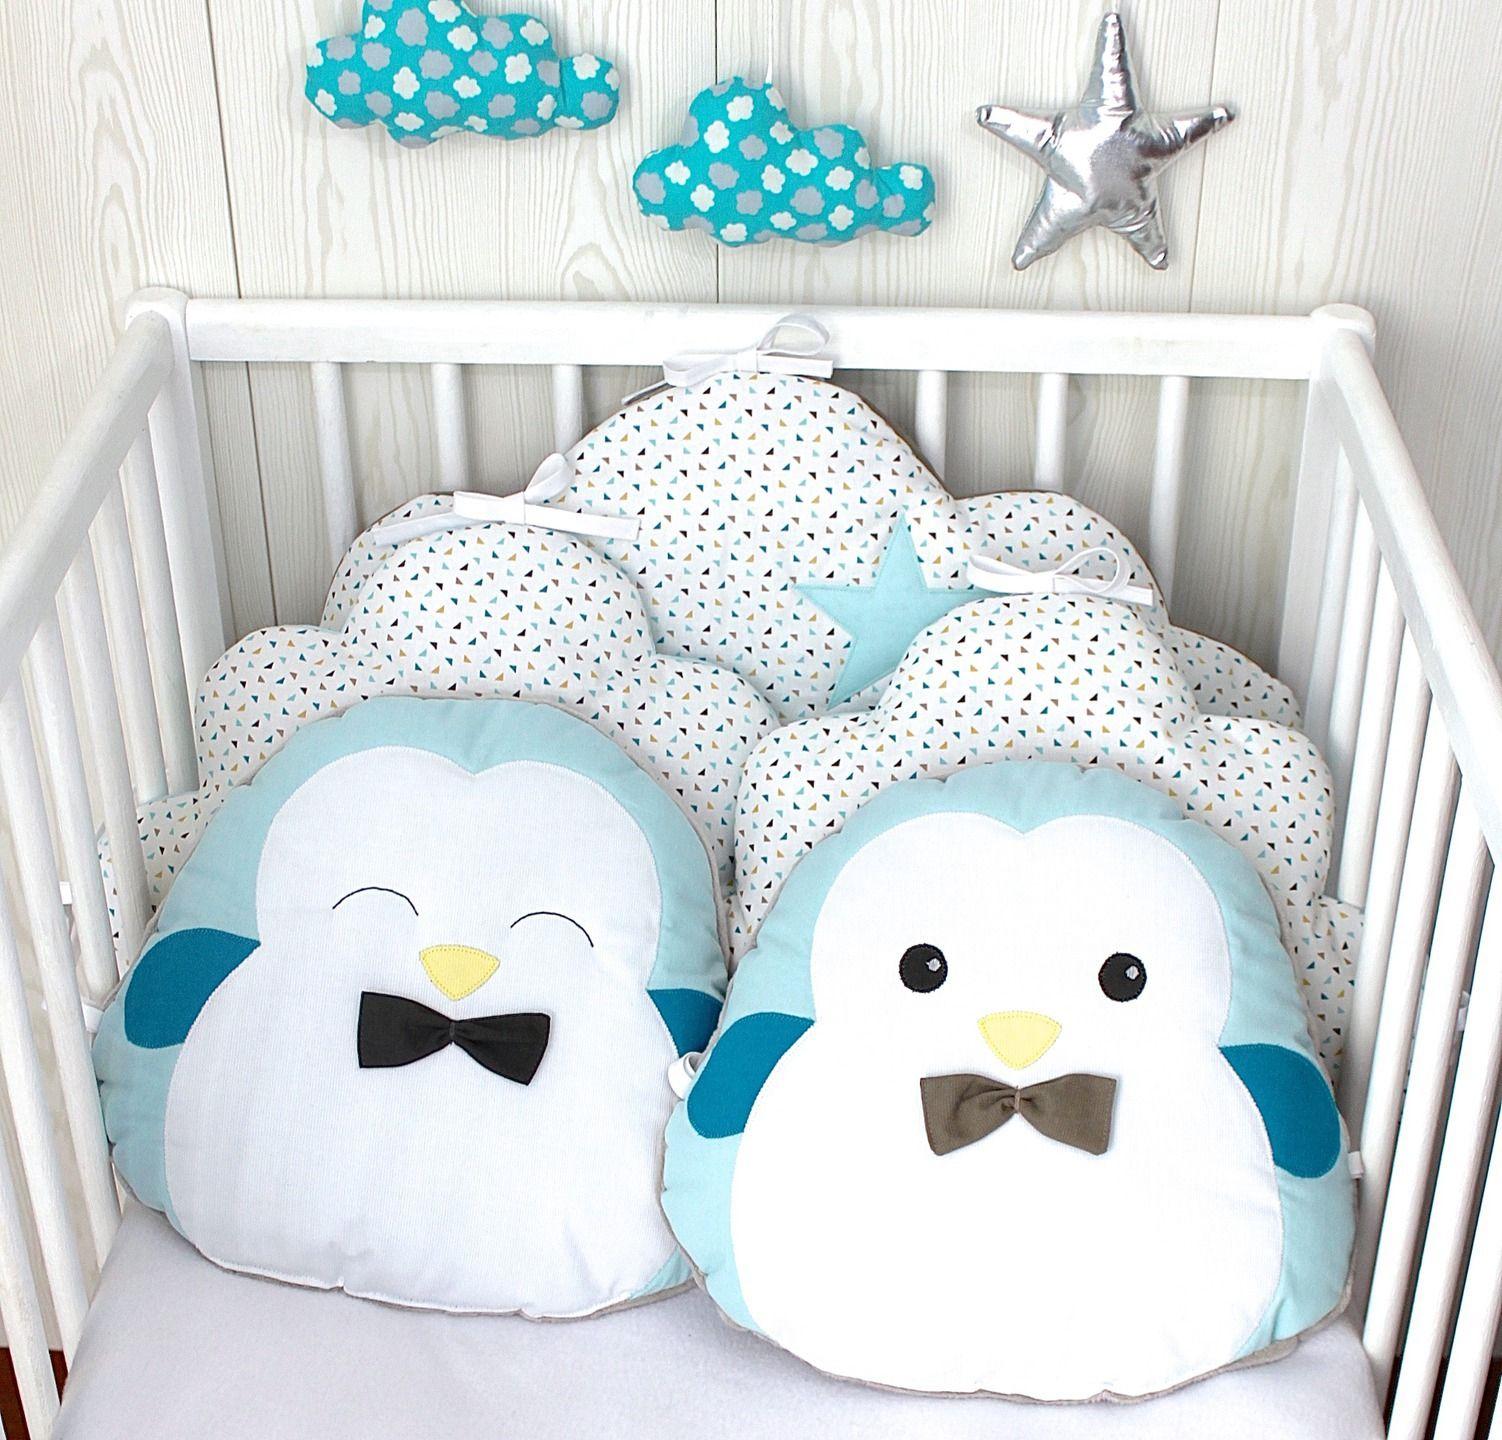 Tour de lit bébé 60cm large nuage et petits pingouins bleu